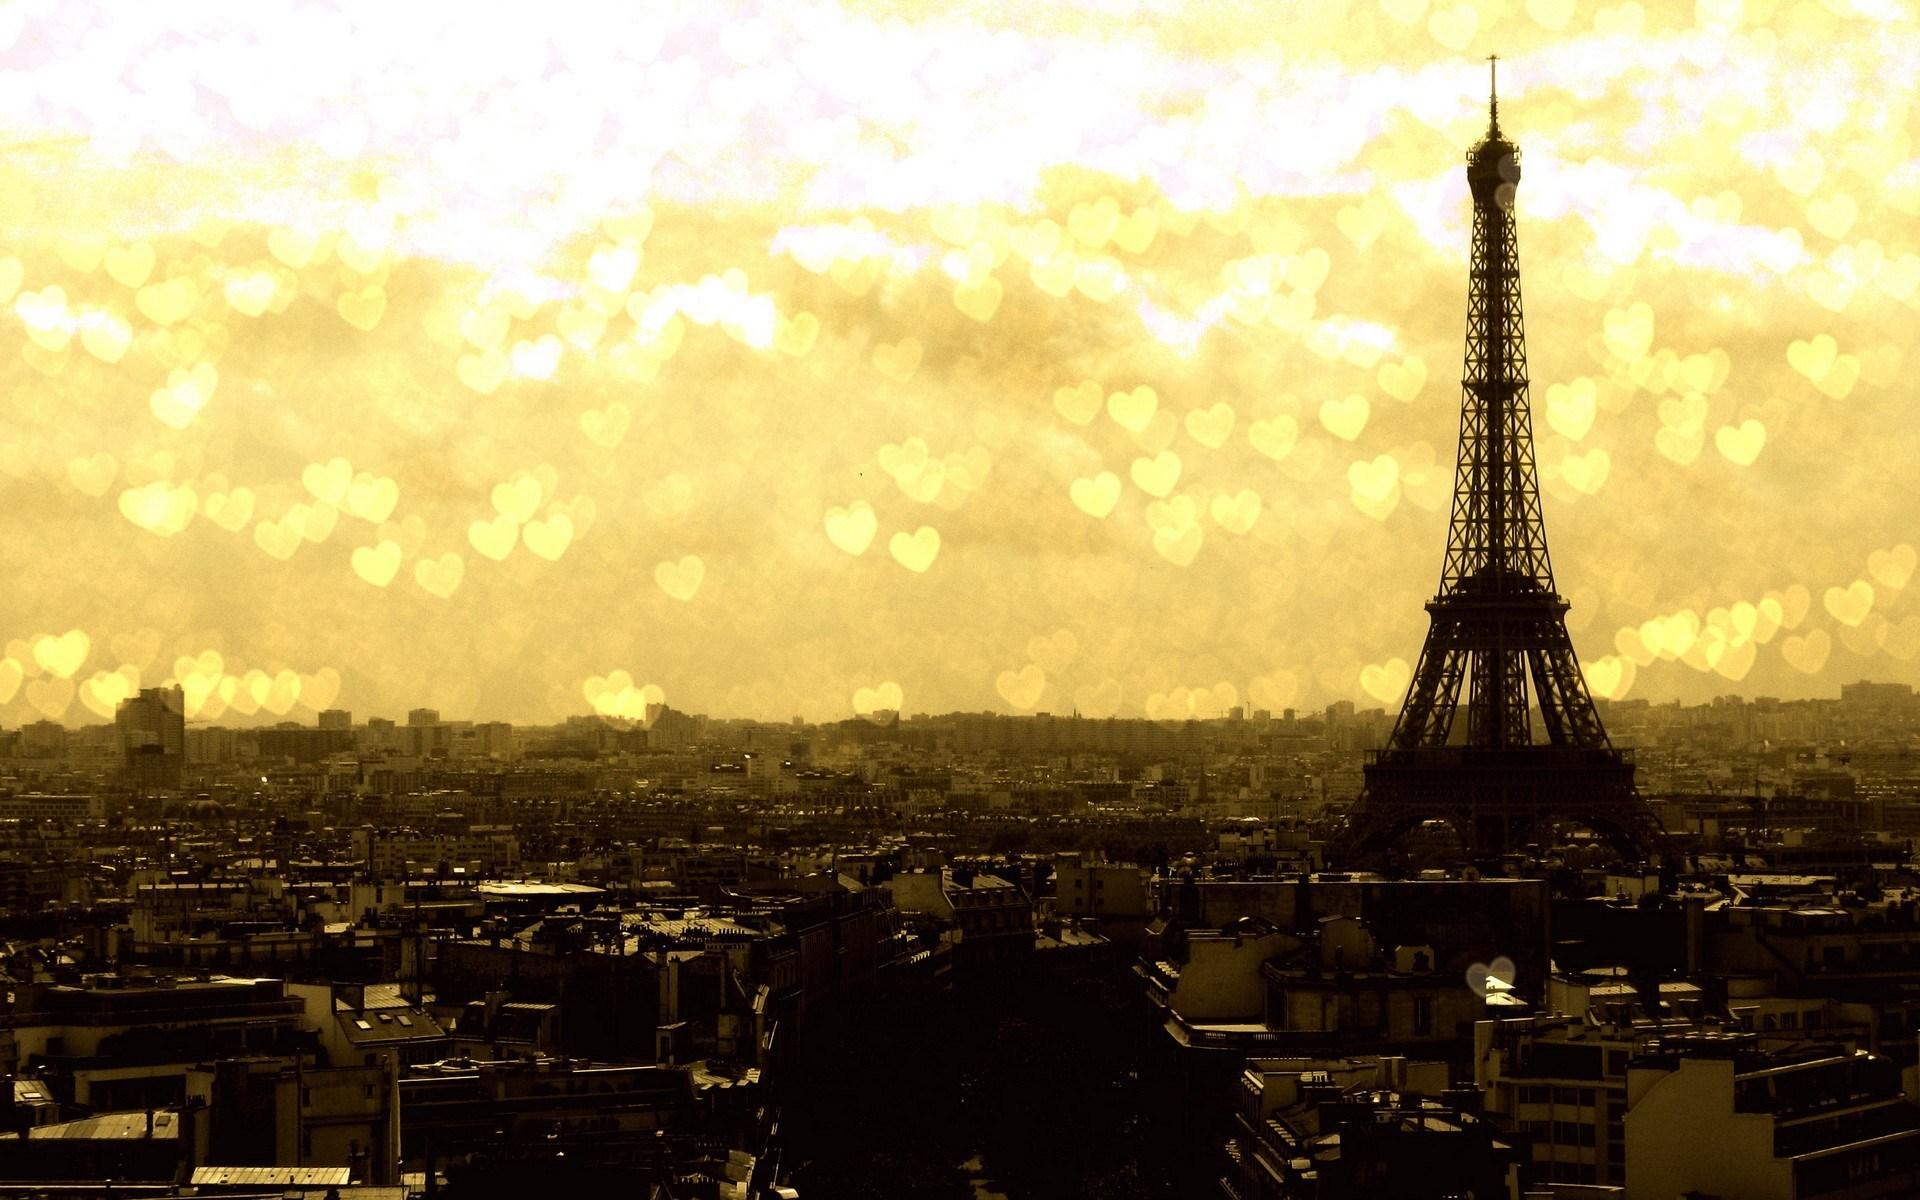 paris wallpapers photos and desktop backgrounds up to K